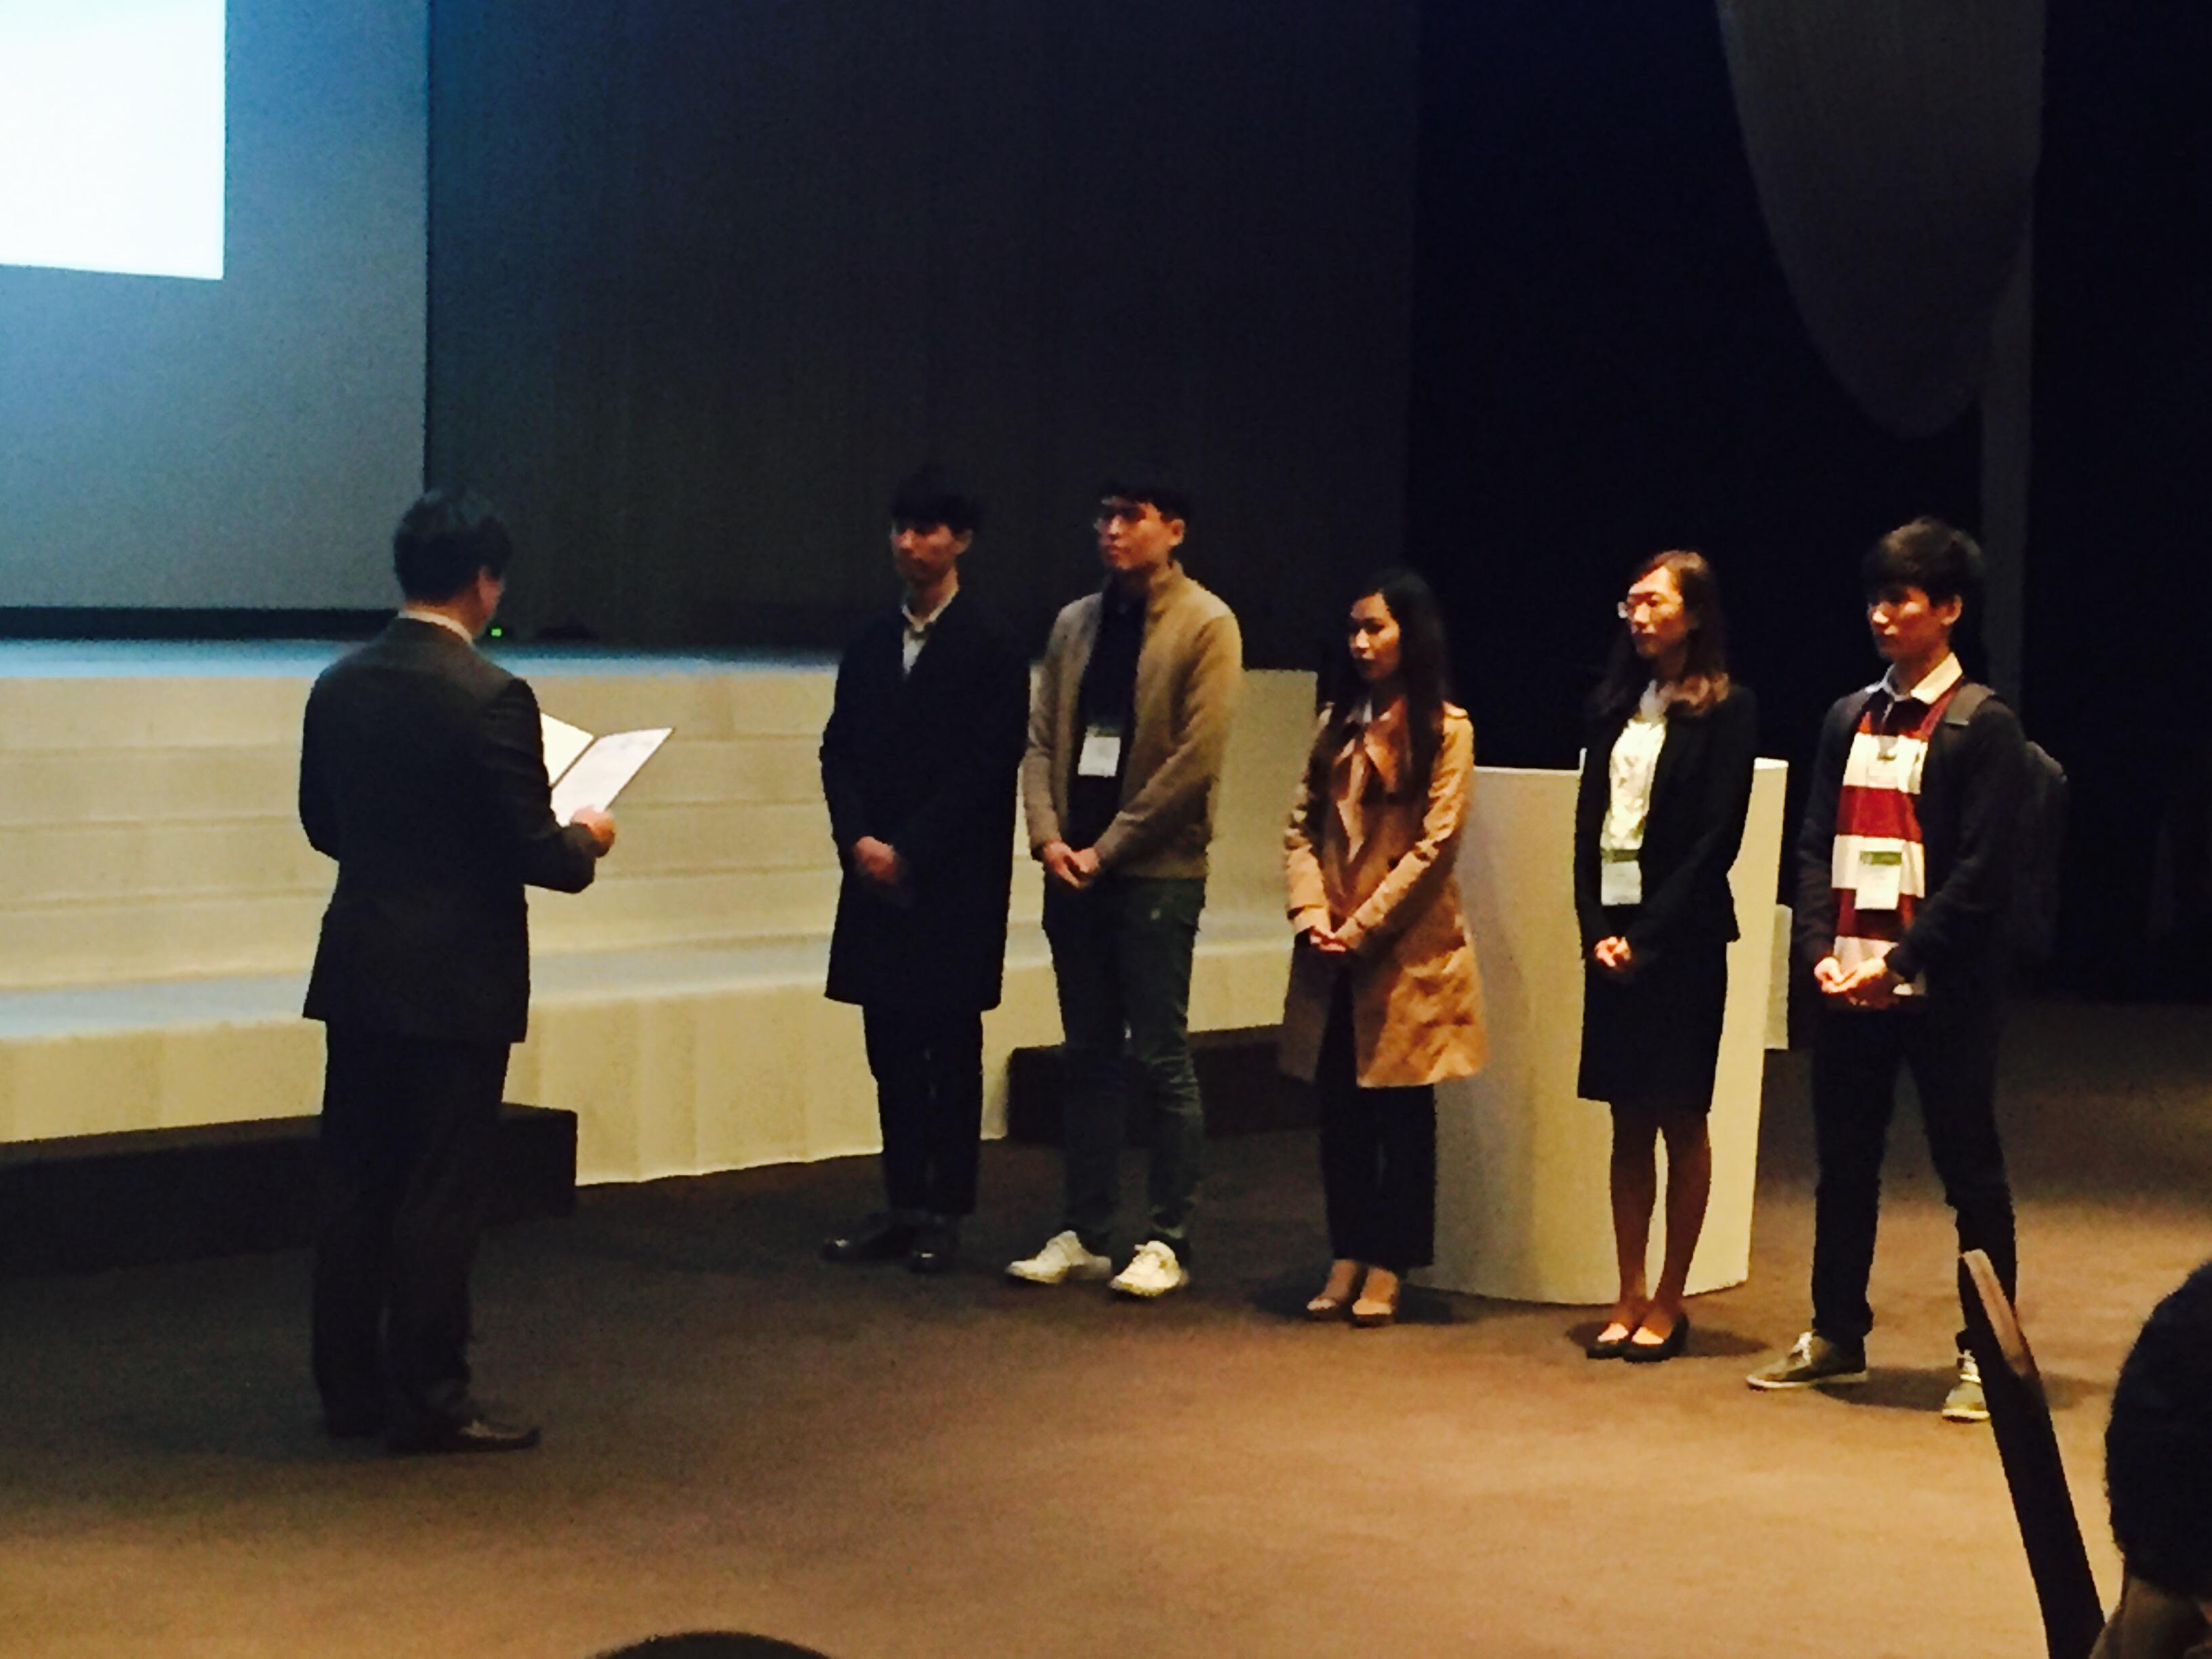 2017 춘계 고분자학회 오랄발표 수상 (2)